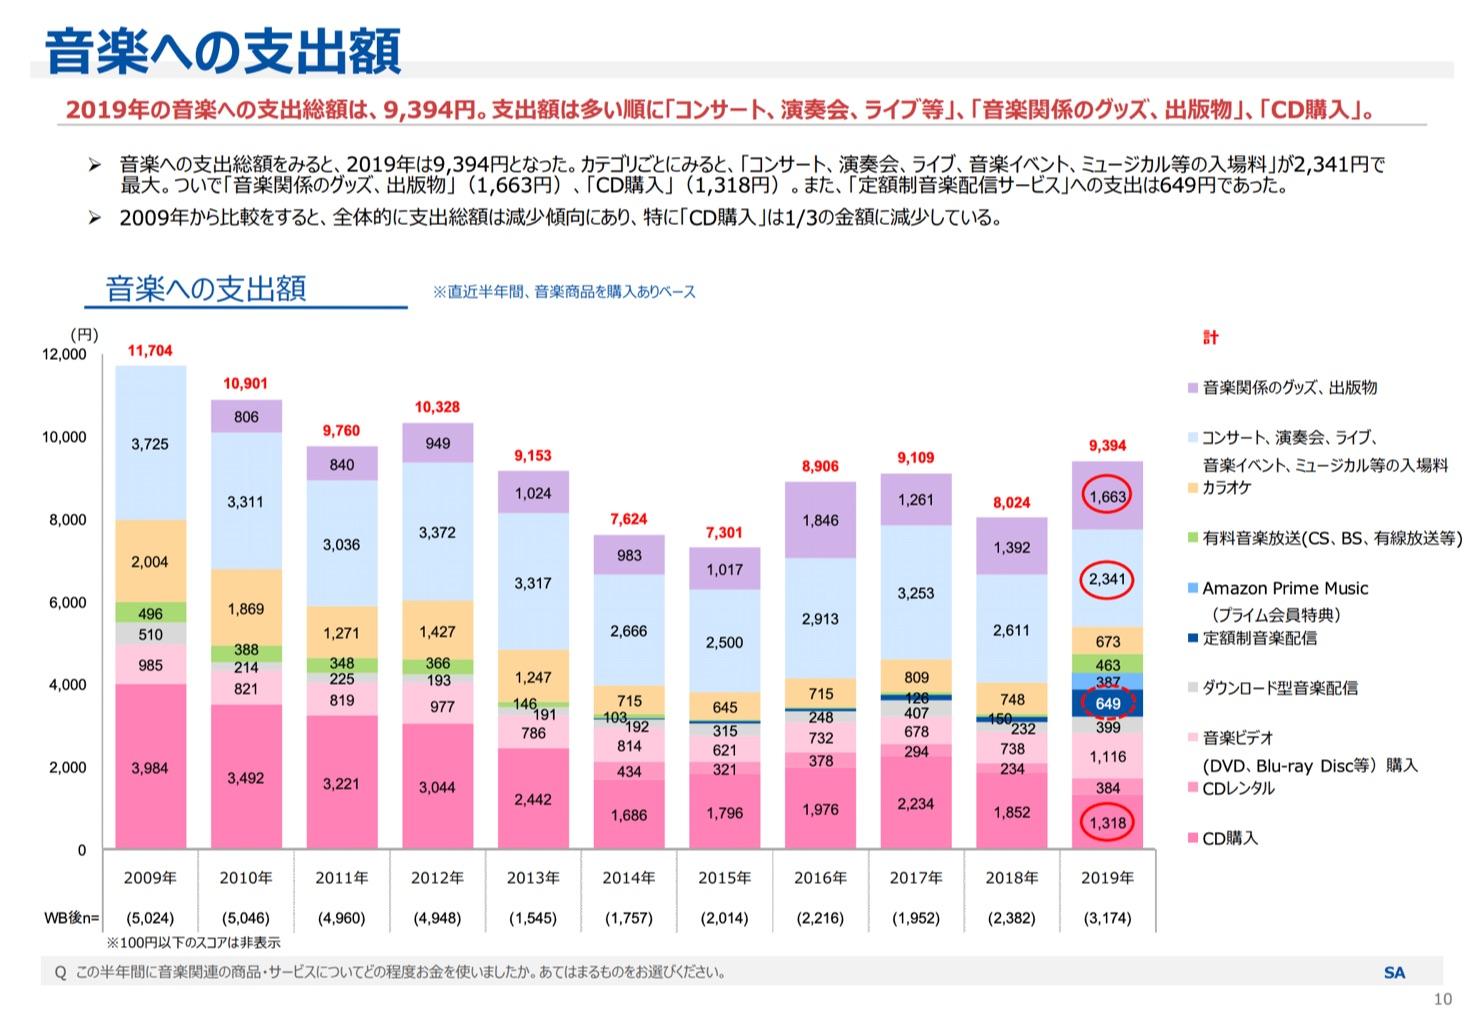 Japanese spending on music